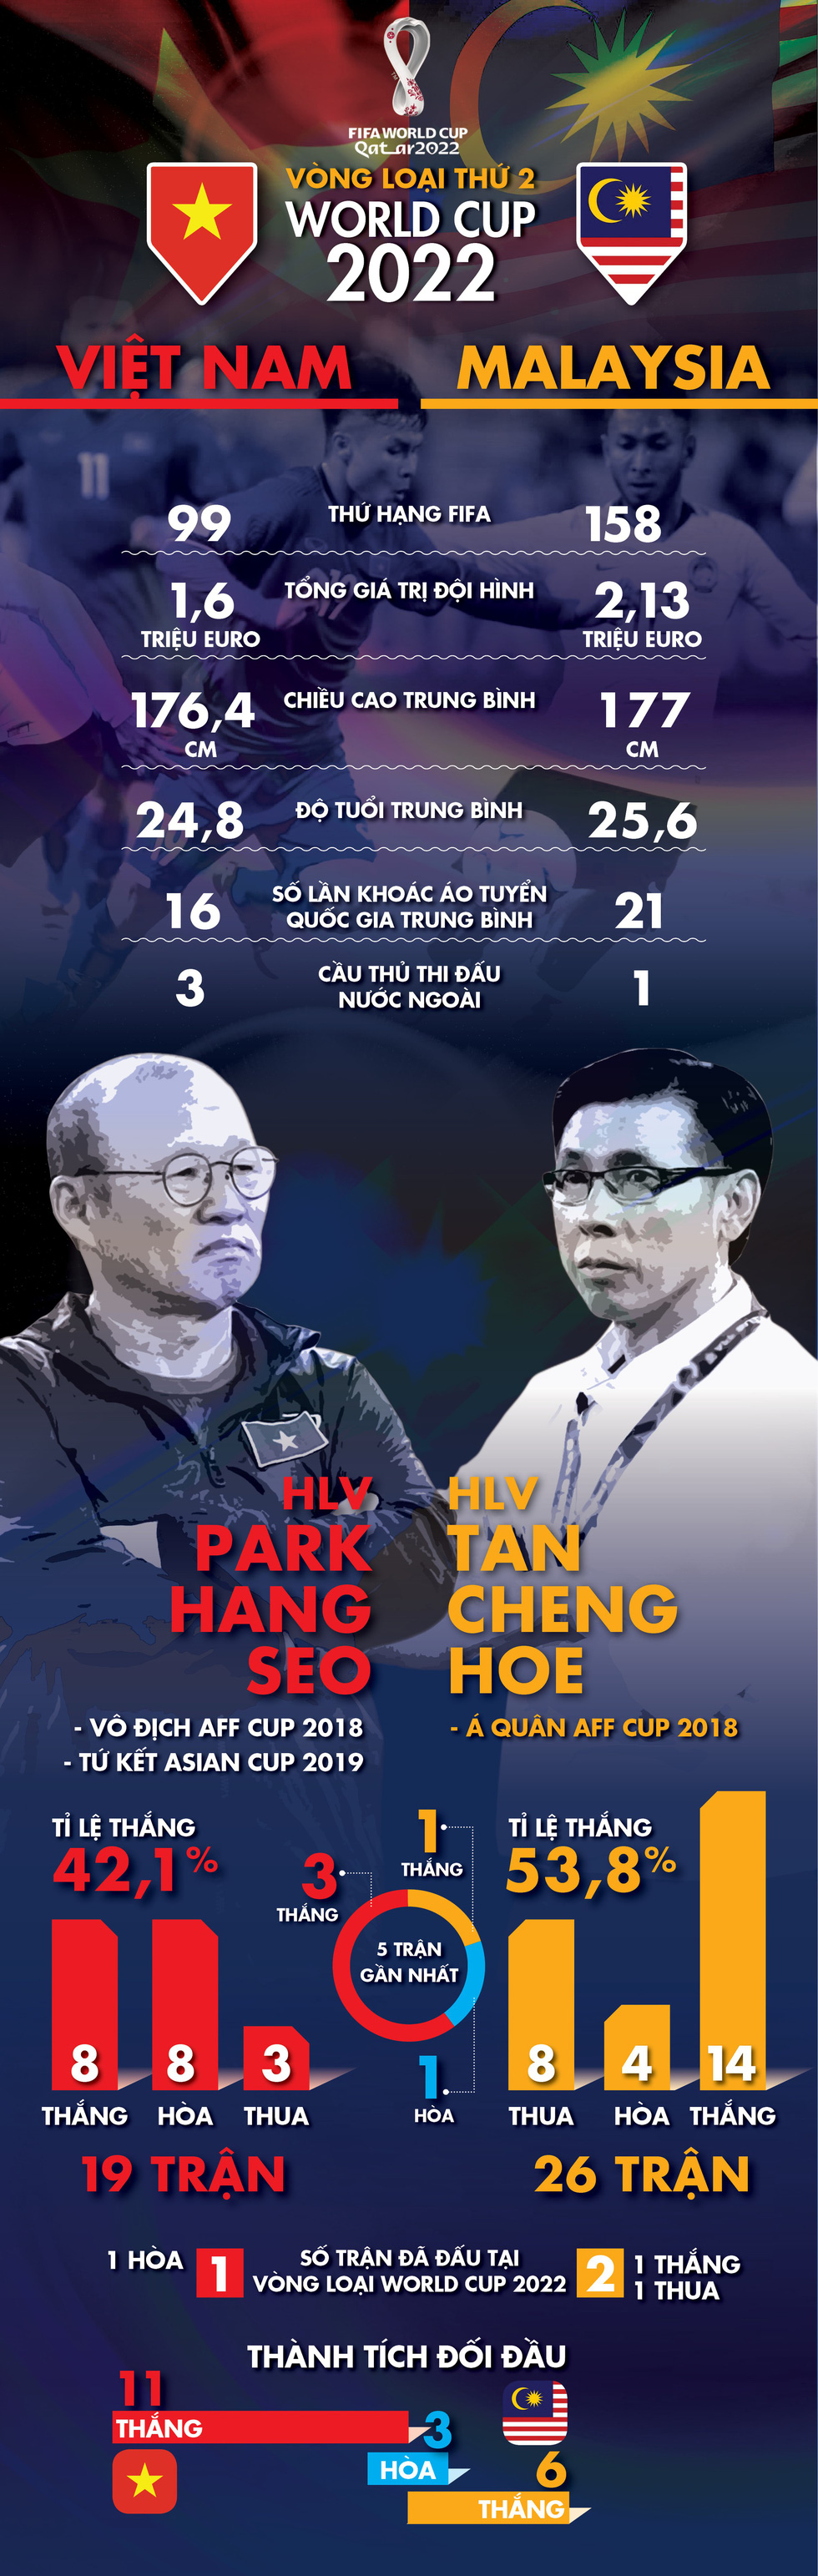 Infographic tương quan sức mạnh giữa tuyển Việt Nam và Malaysia - Ảnh 1.